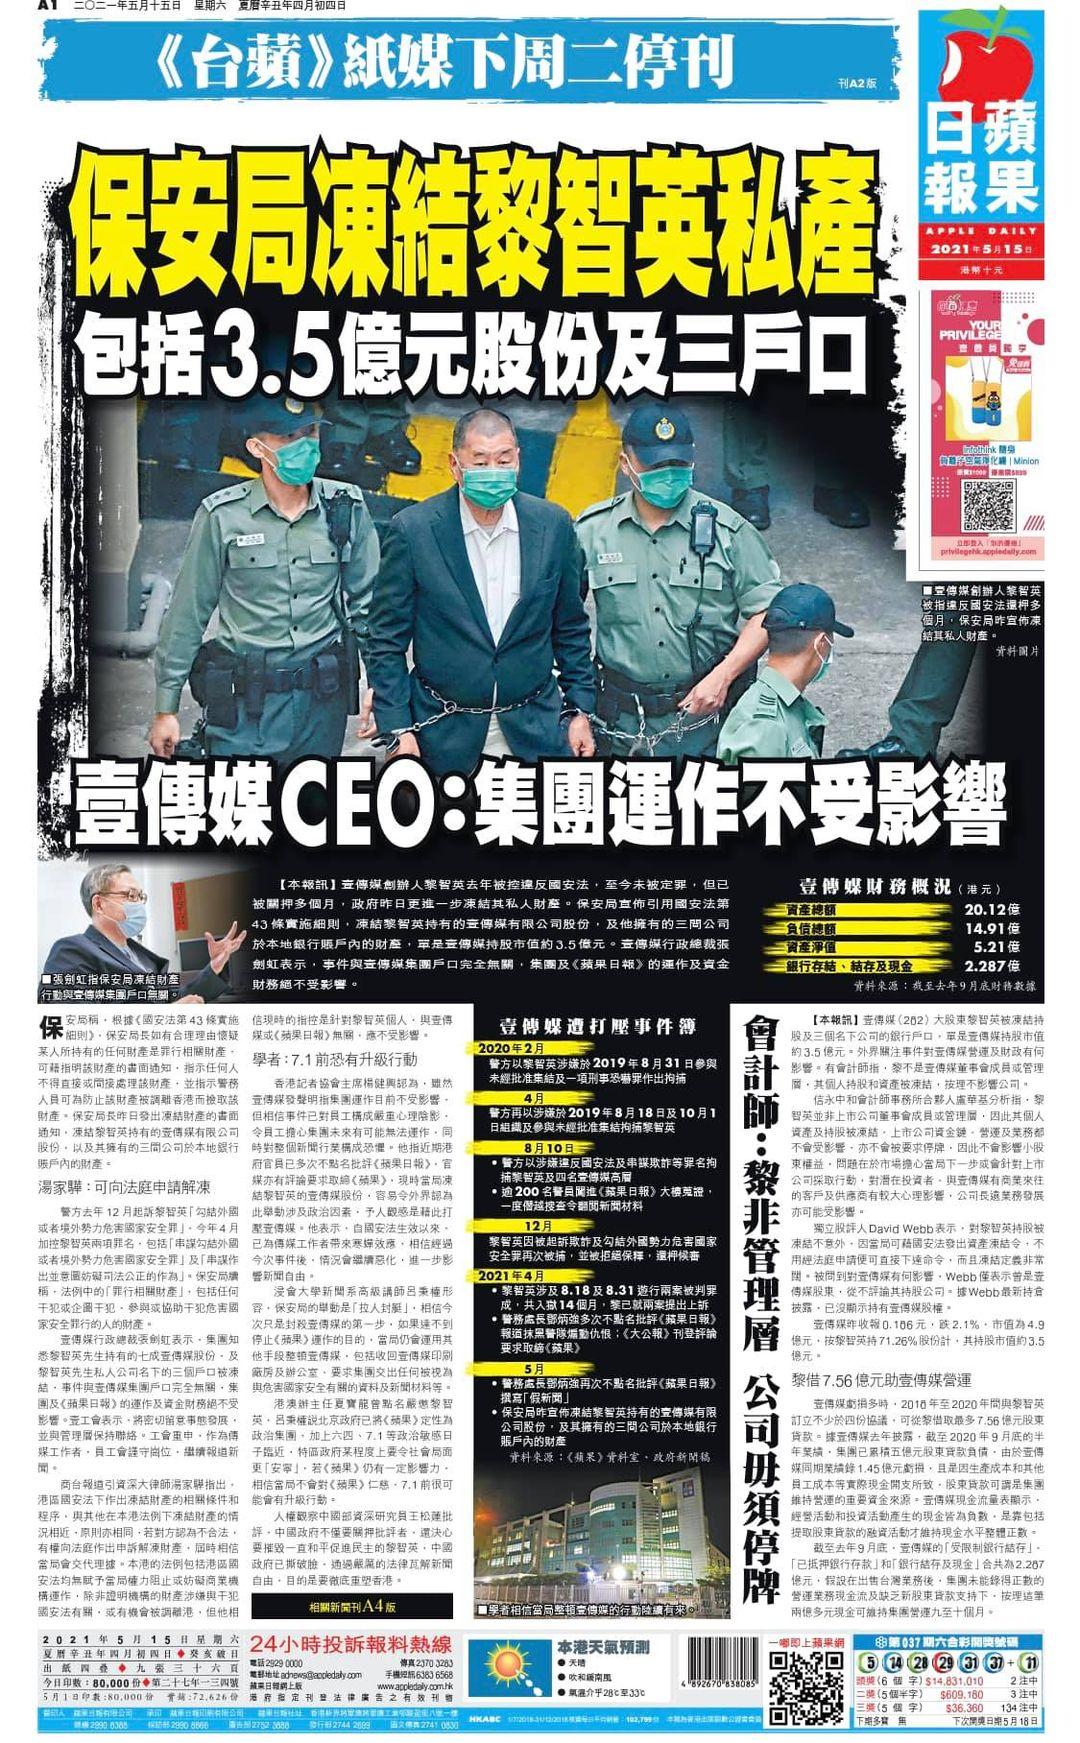 《蘋果日報》對黎智英資產被凍結等事件的報道(臉書截圖)